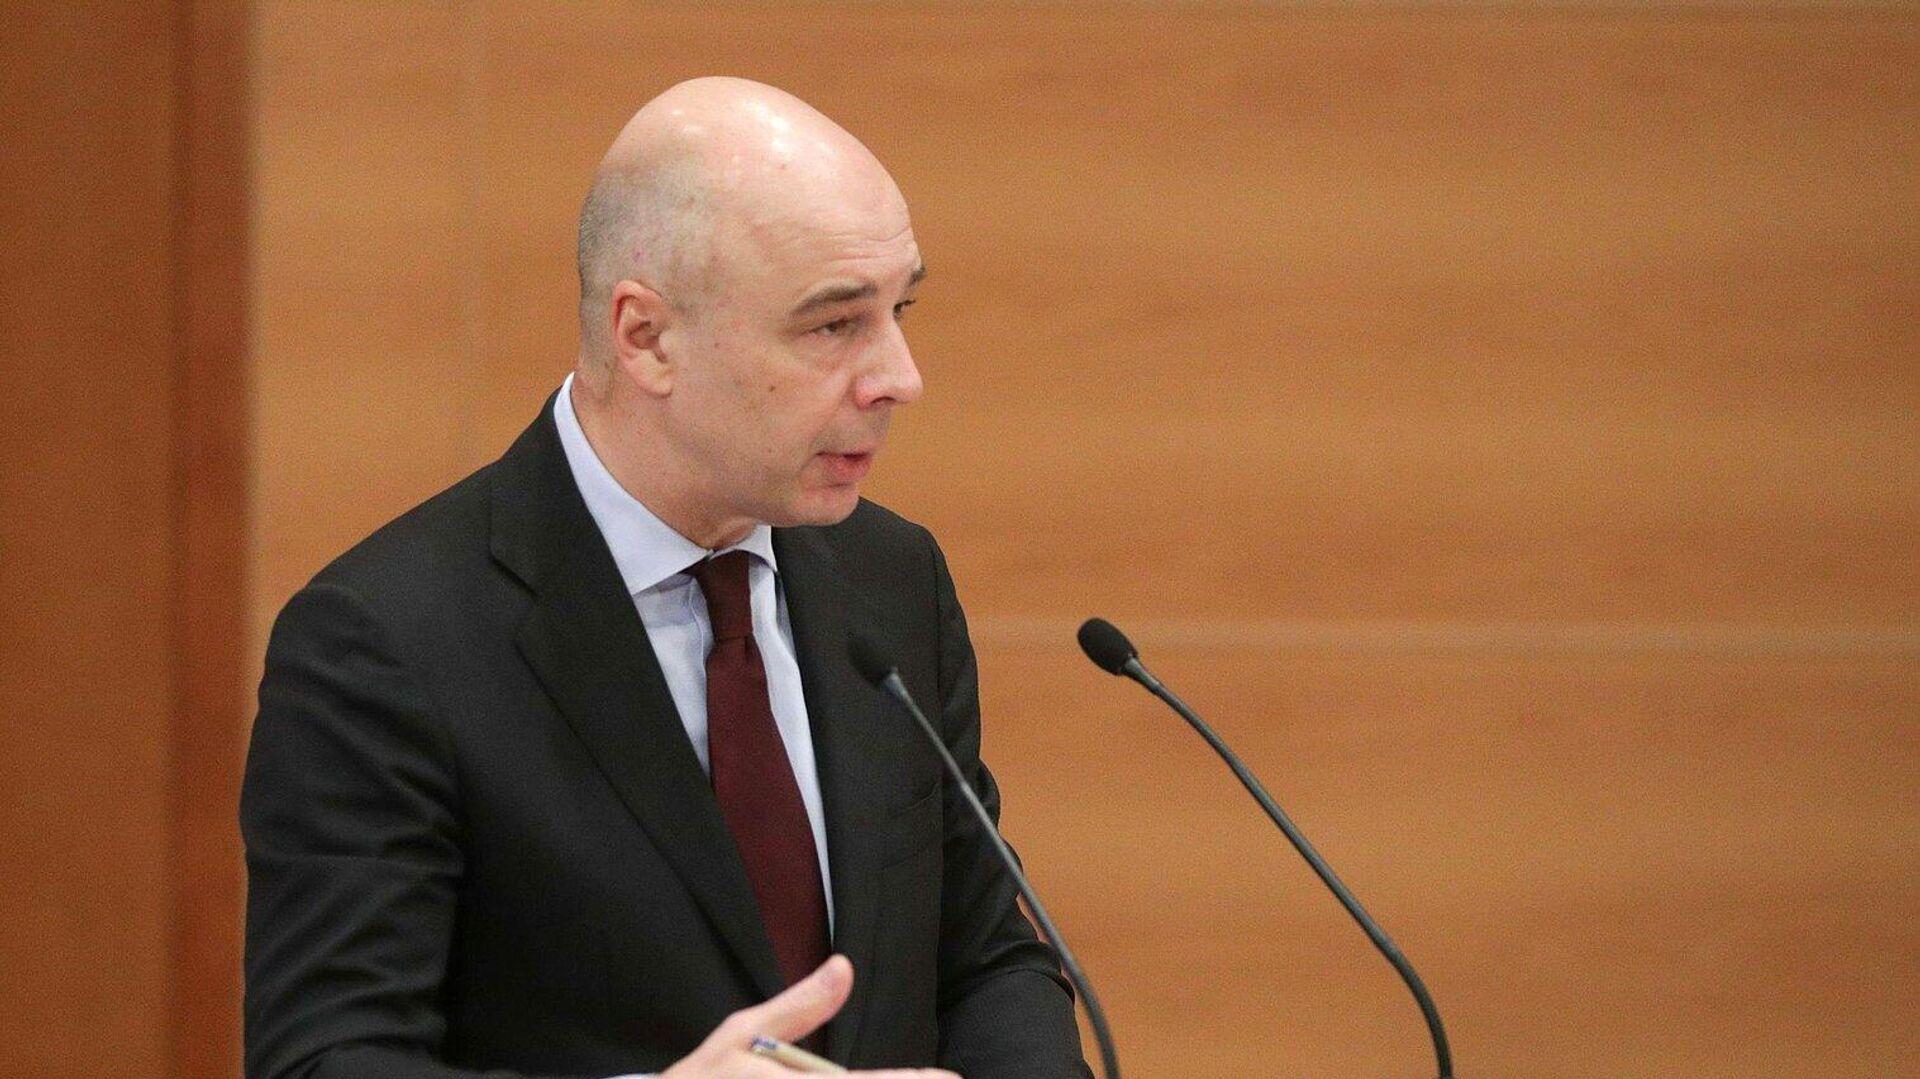 Министр финансов РФ Антон Силуанов выступает на заседании по обсуждению проекта федерального бюджета на 2021 год в Госдуме - РИА Новости, 1920, 14.10.2021